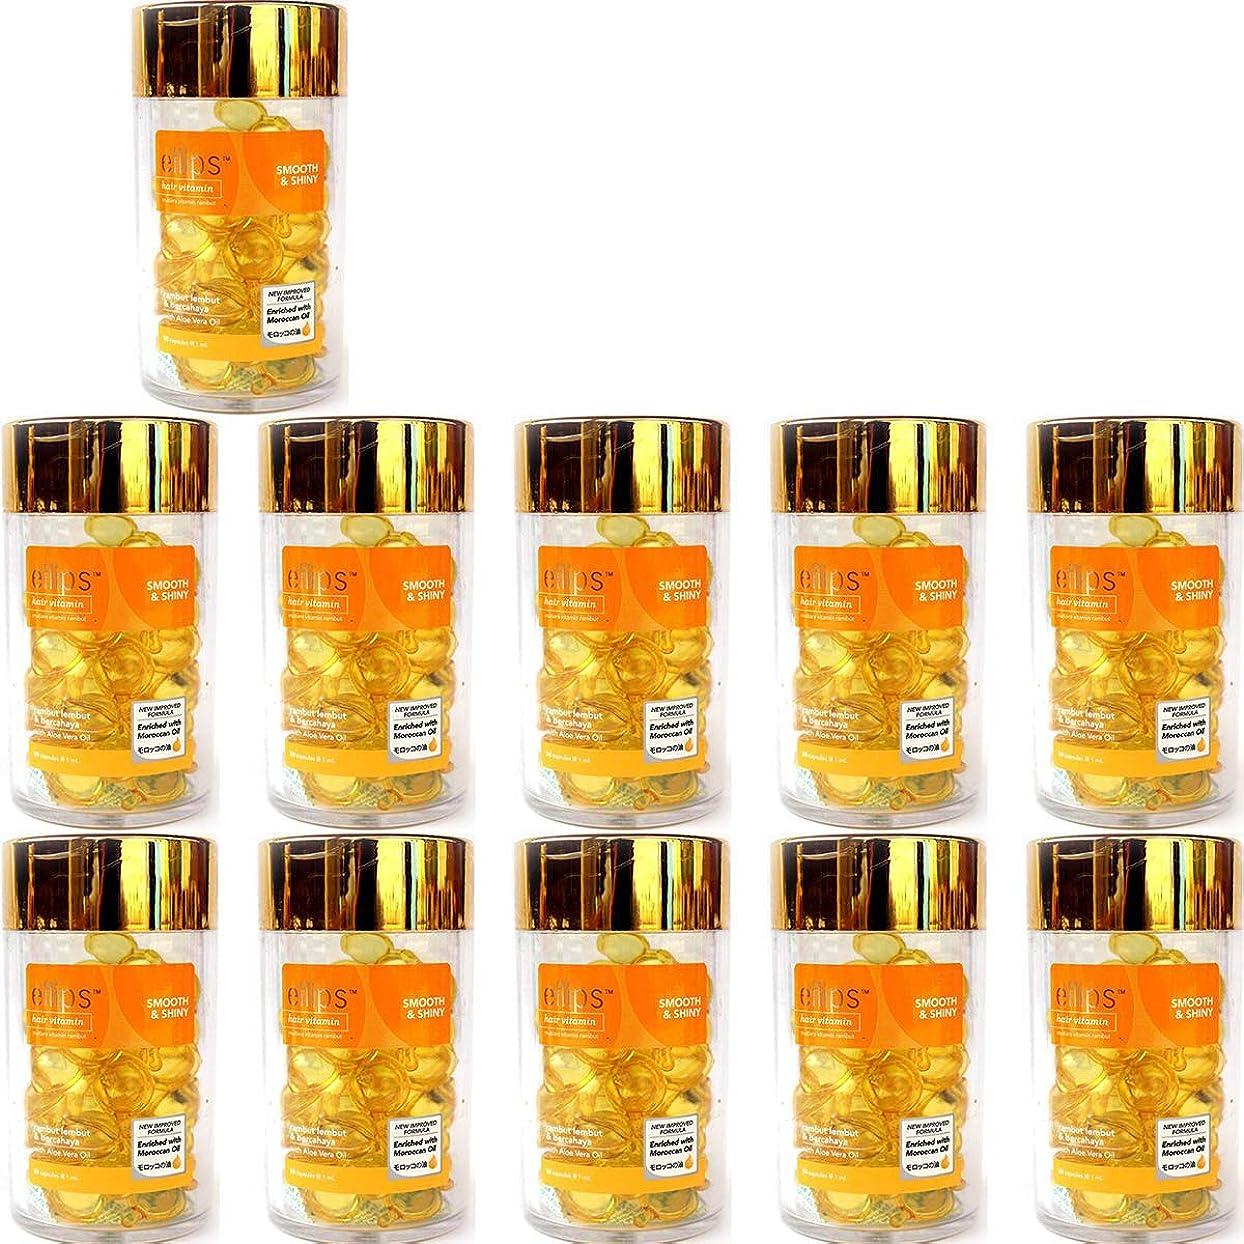 細い一致する作動するellips エリプス ヘアビタミン ヘアオイル エリップス トリートメント ナチュラルシリーズ 50粒入ボトル イエロー 11個セット [海外直送品]